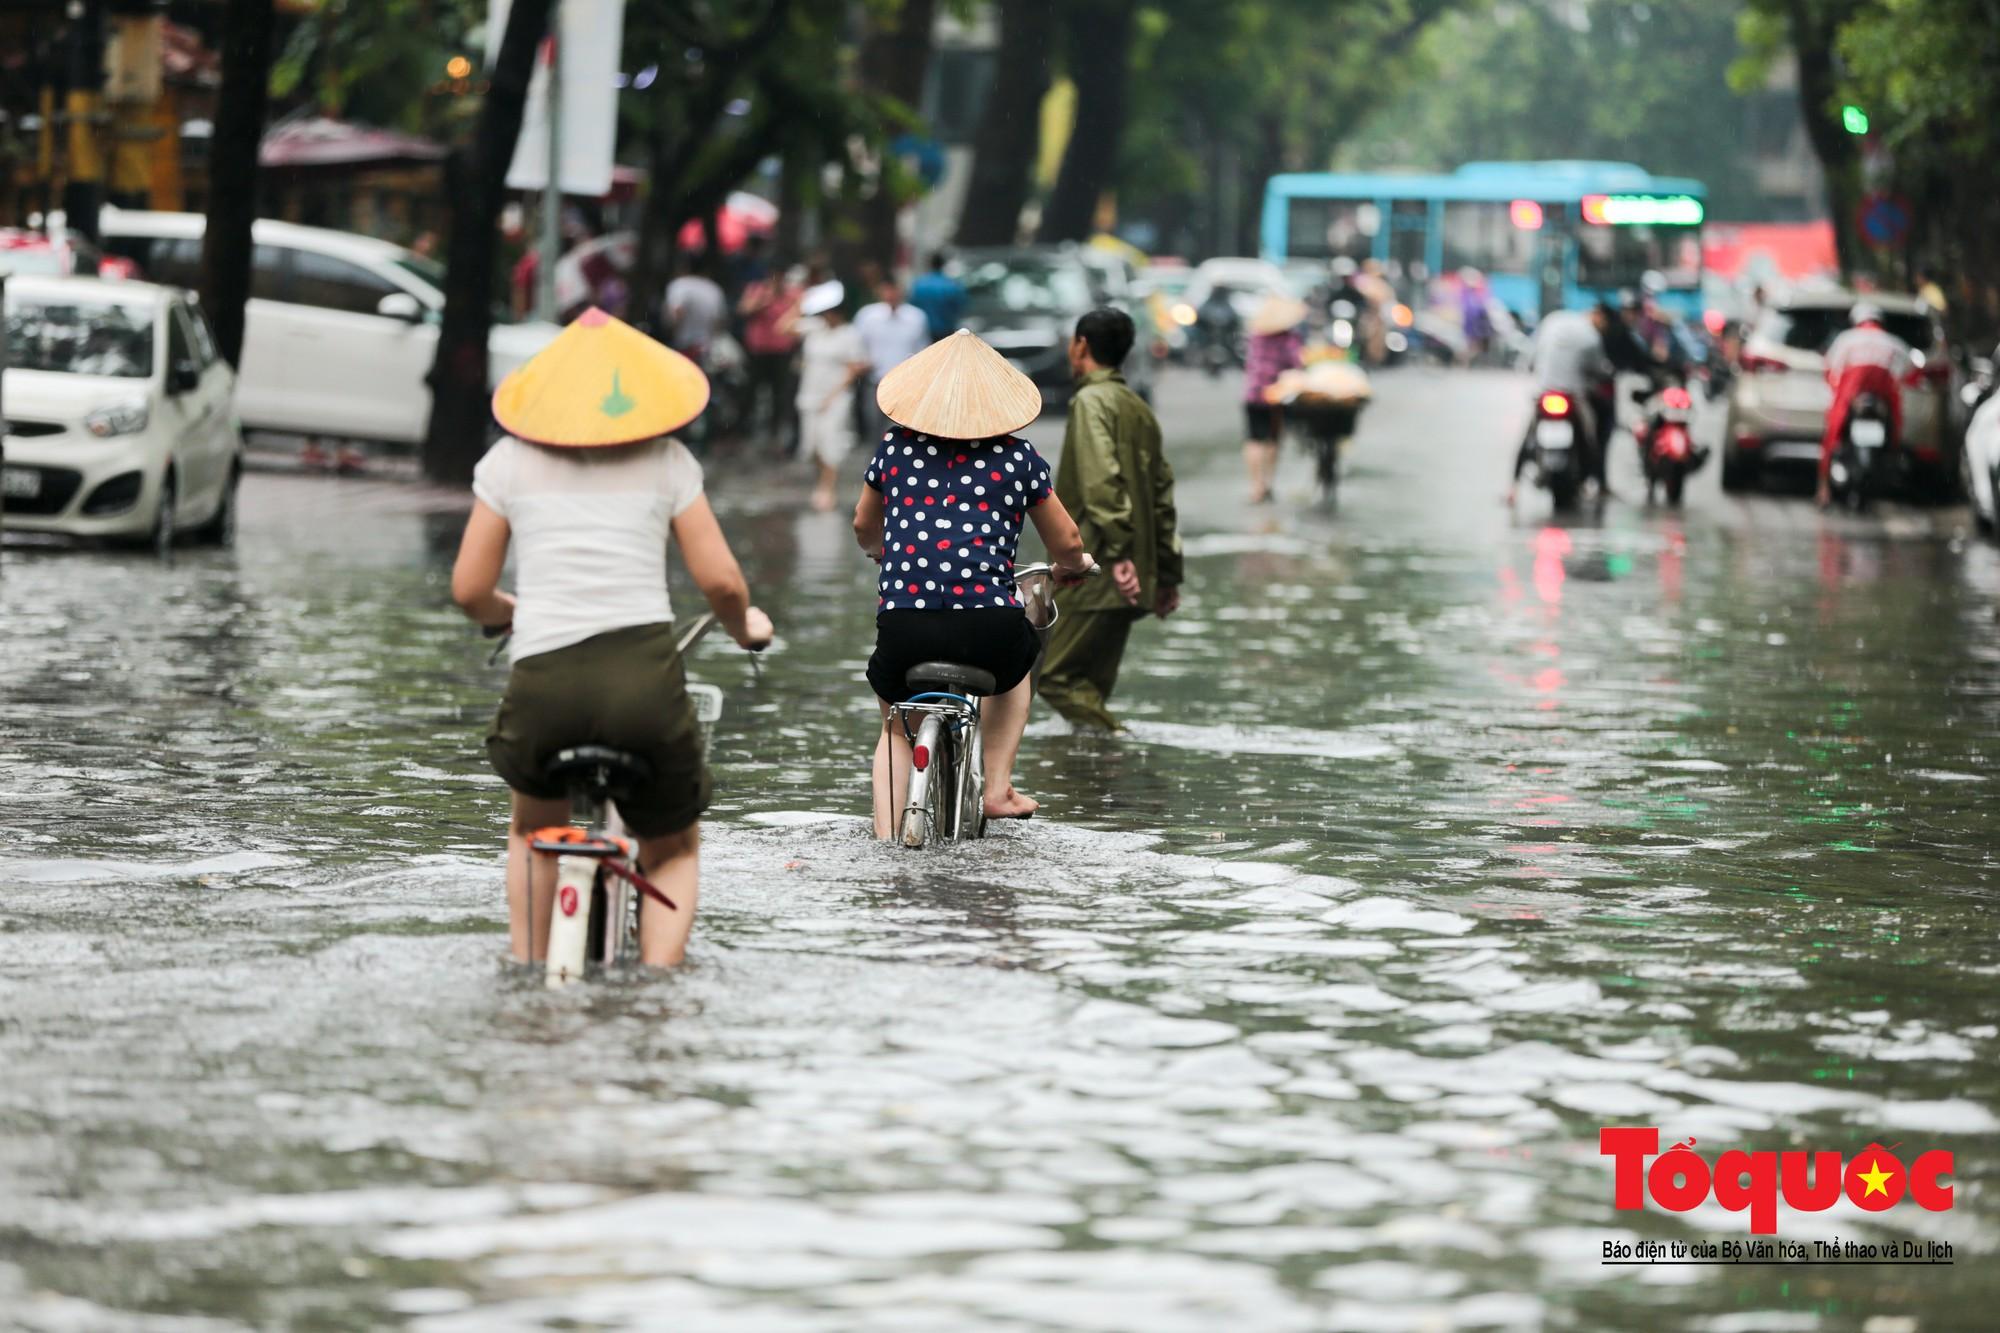 Hà Nội mưa lớn bất ngờ, nhiều tuyến đường lại ngập trong sâu biển nước2